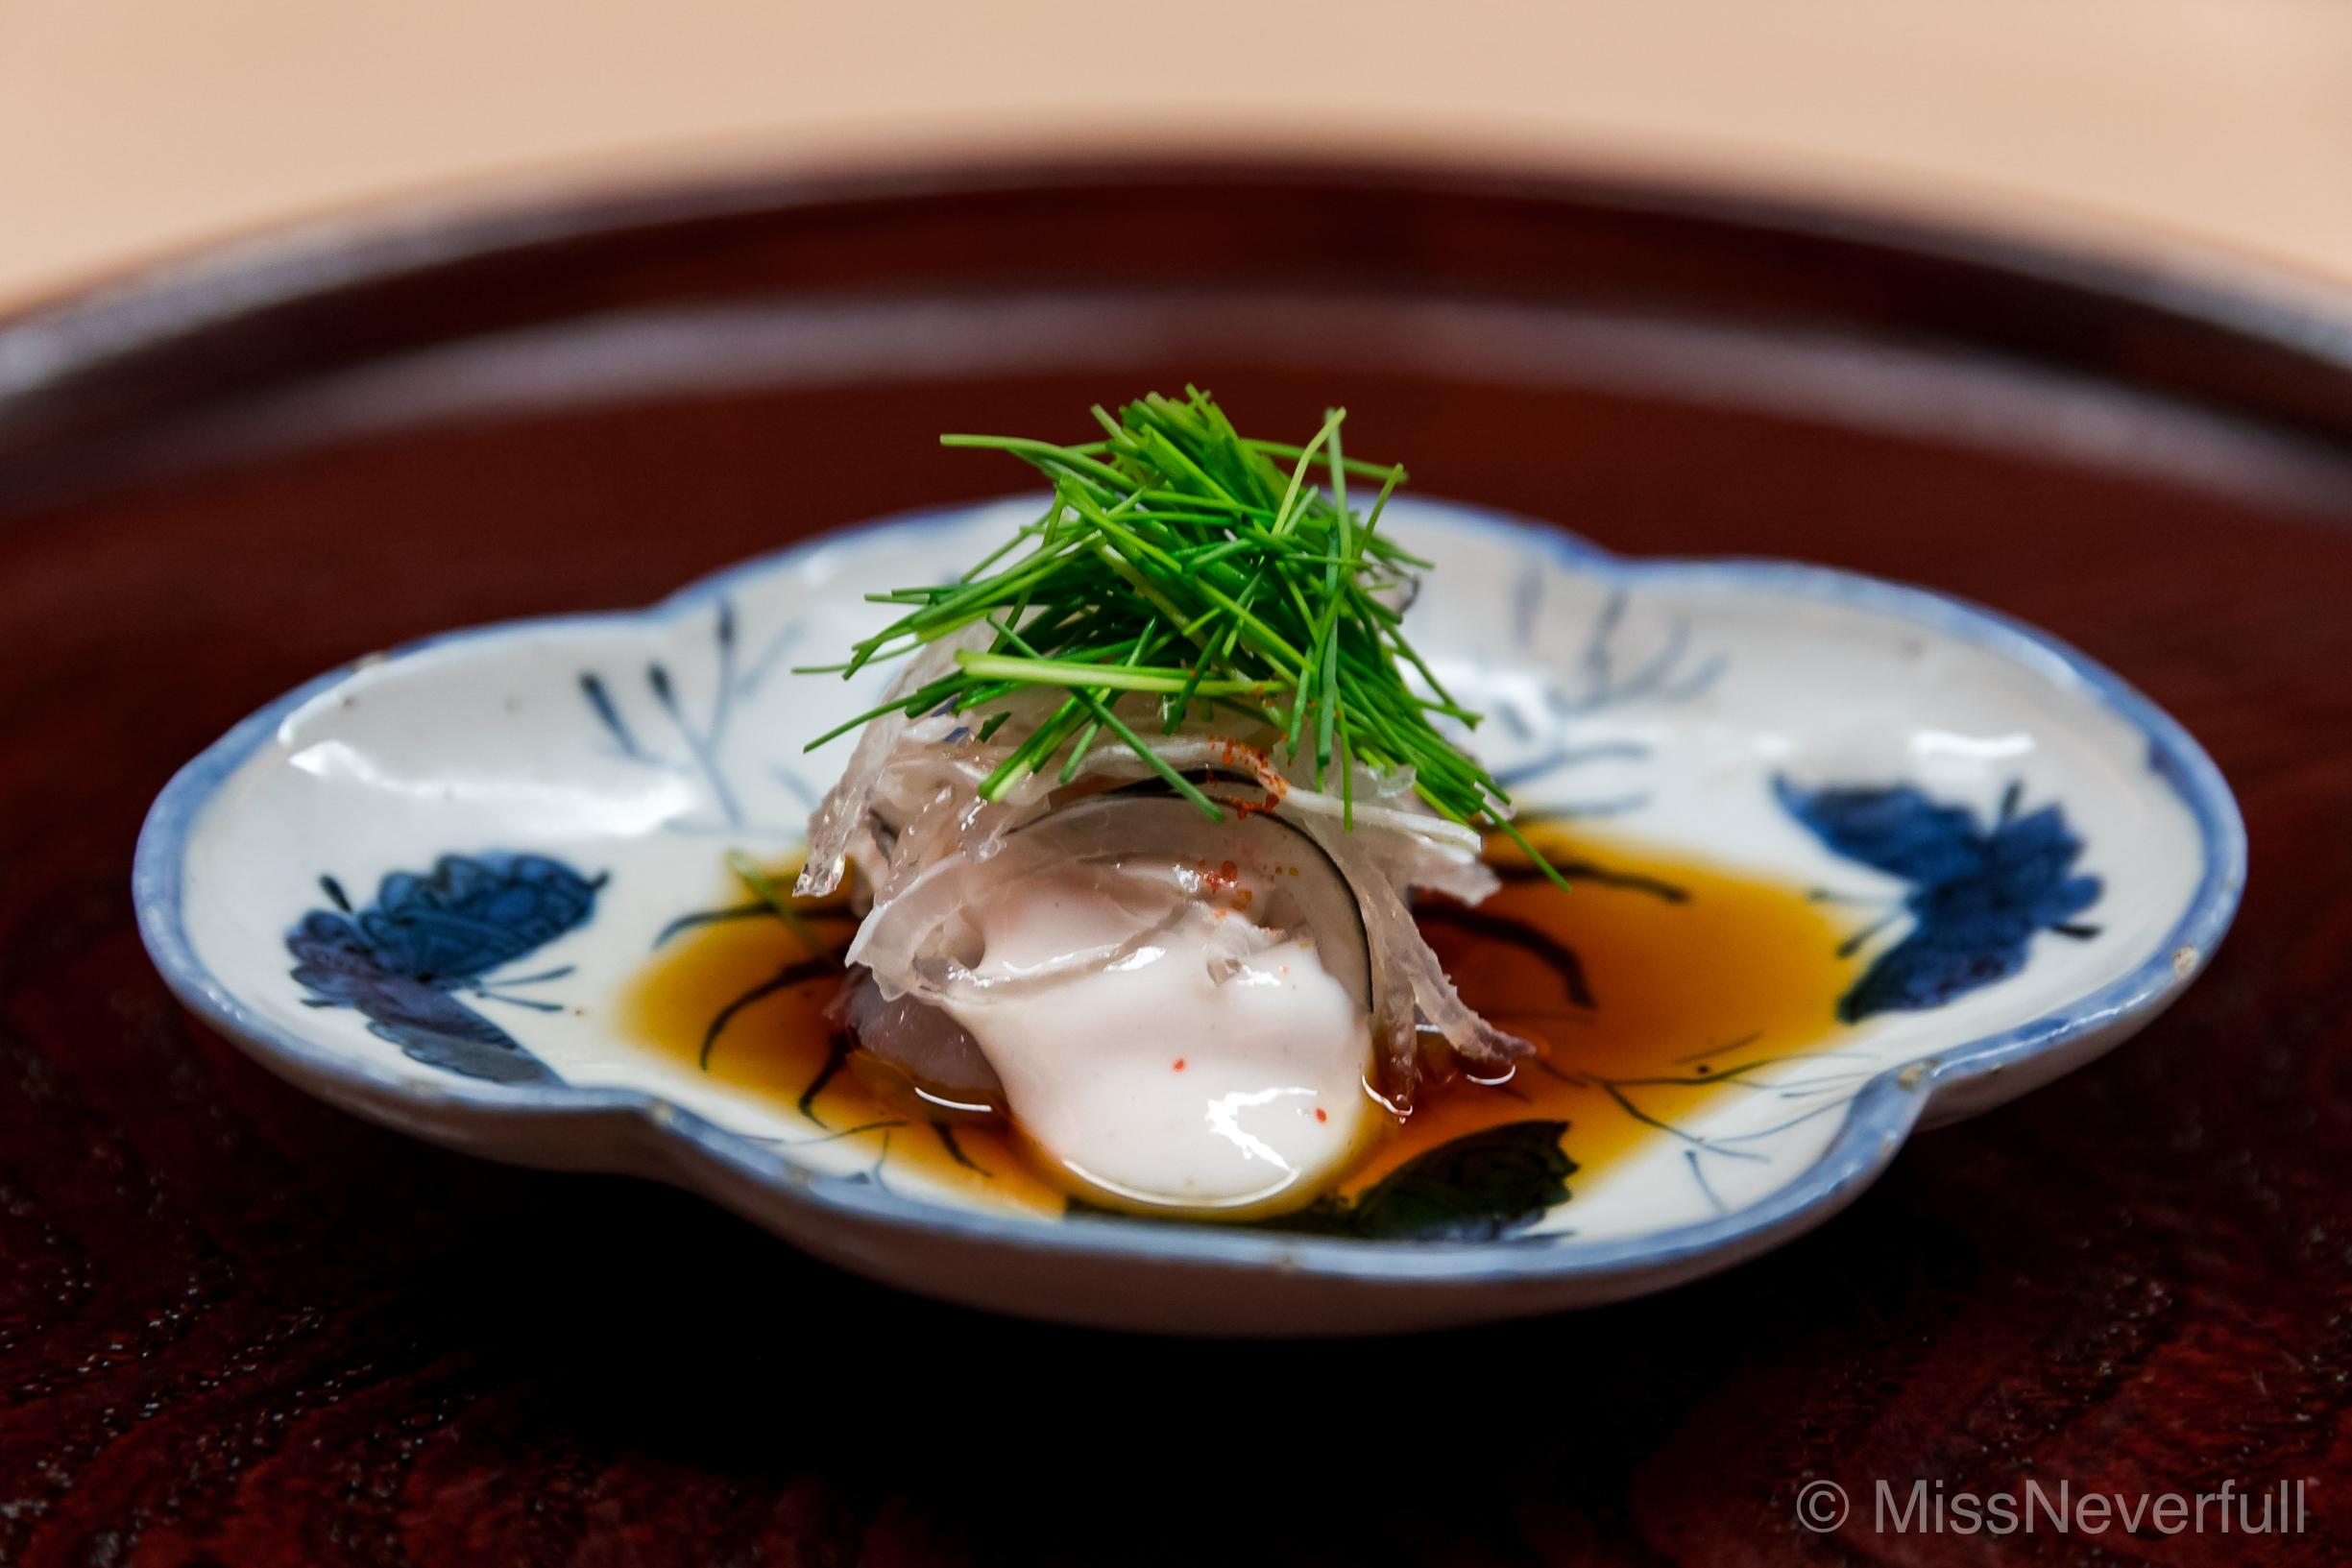 5. Fugu sashimi, shirako, daikon, negi